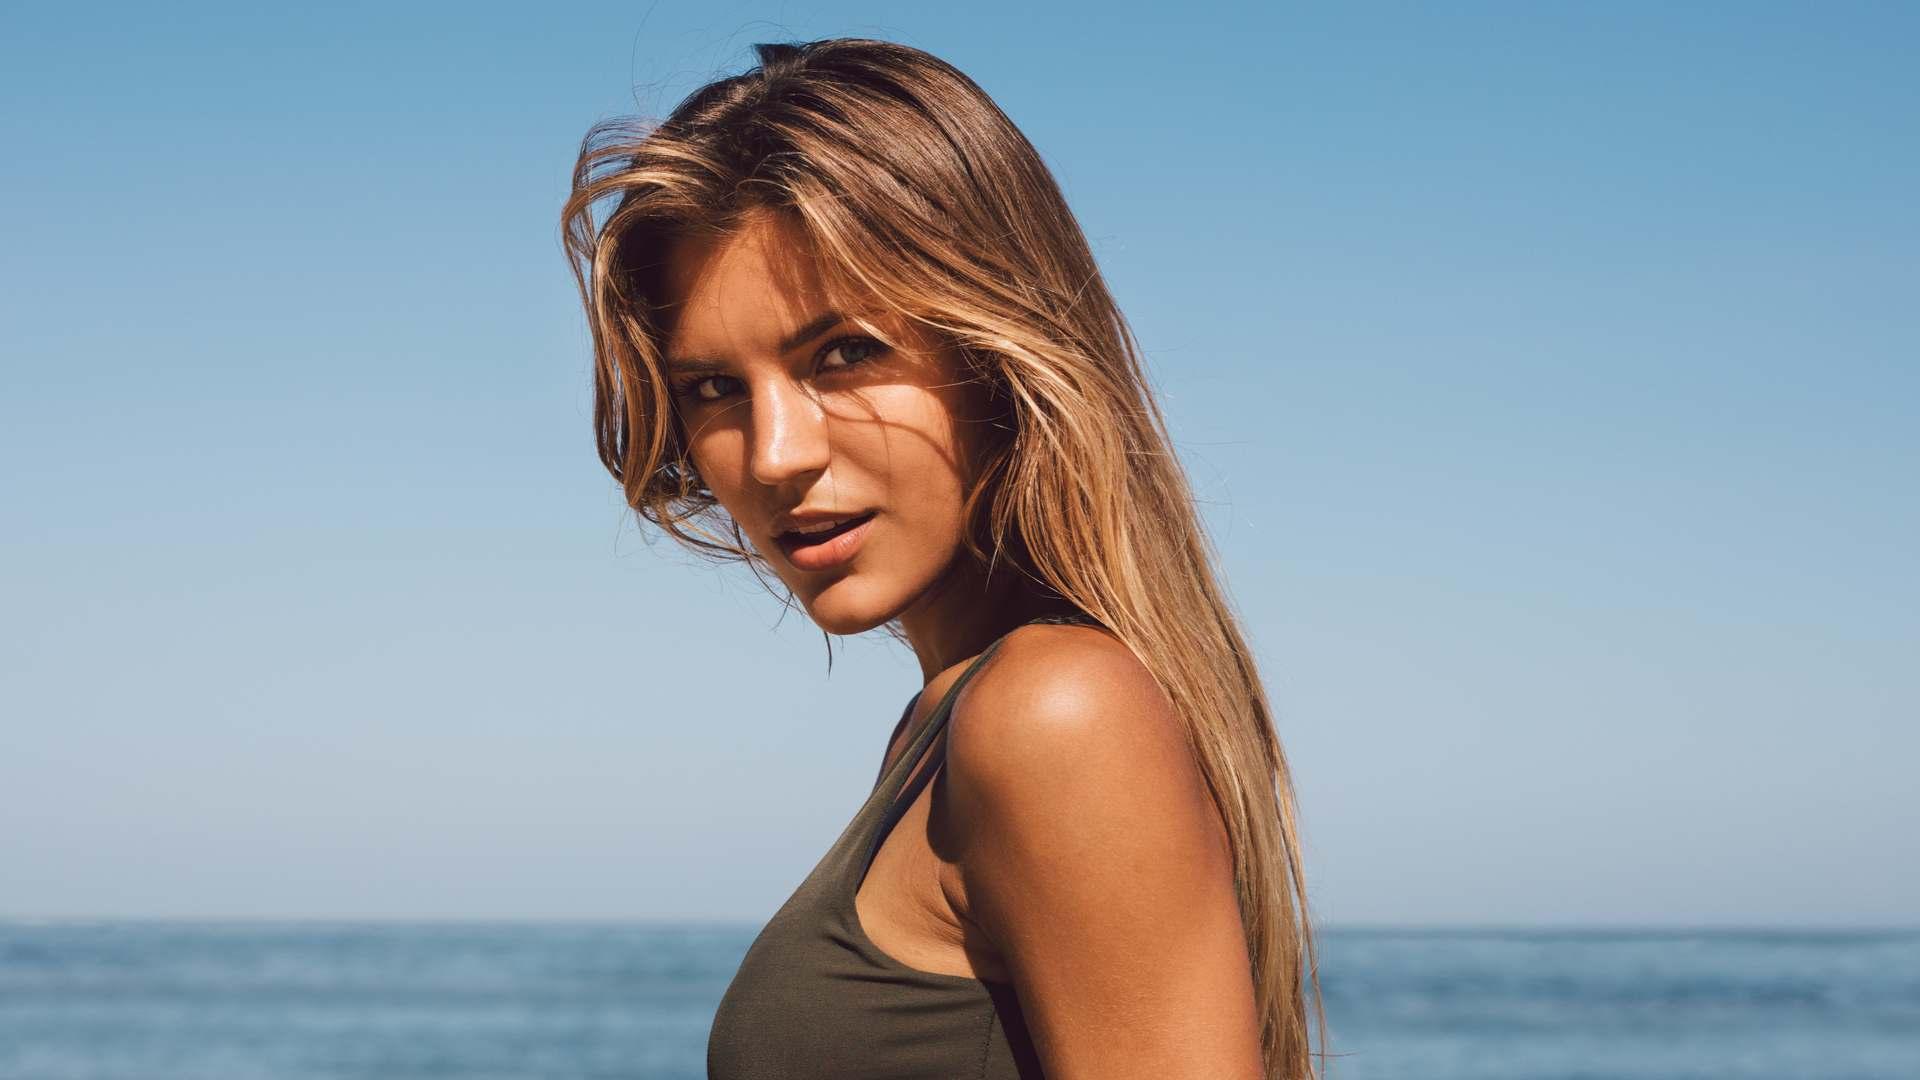 Mulher com cabelos claros na praia